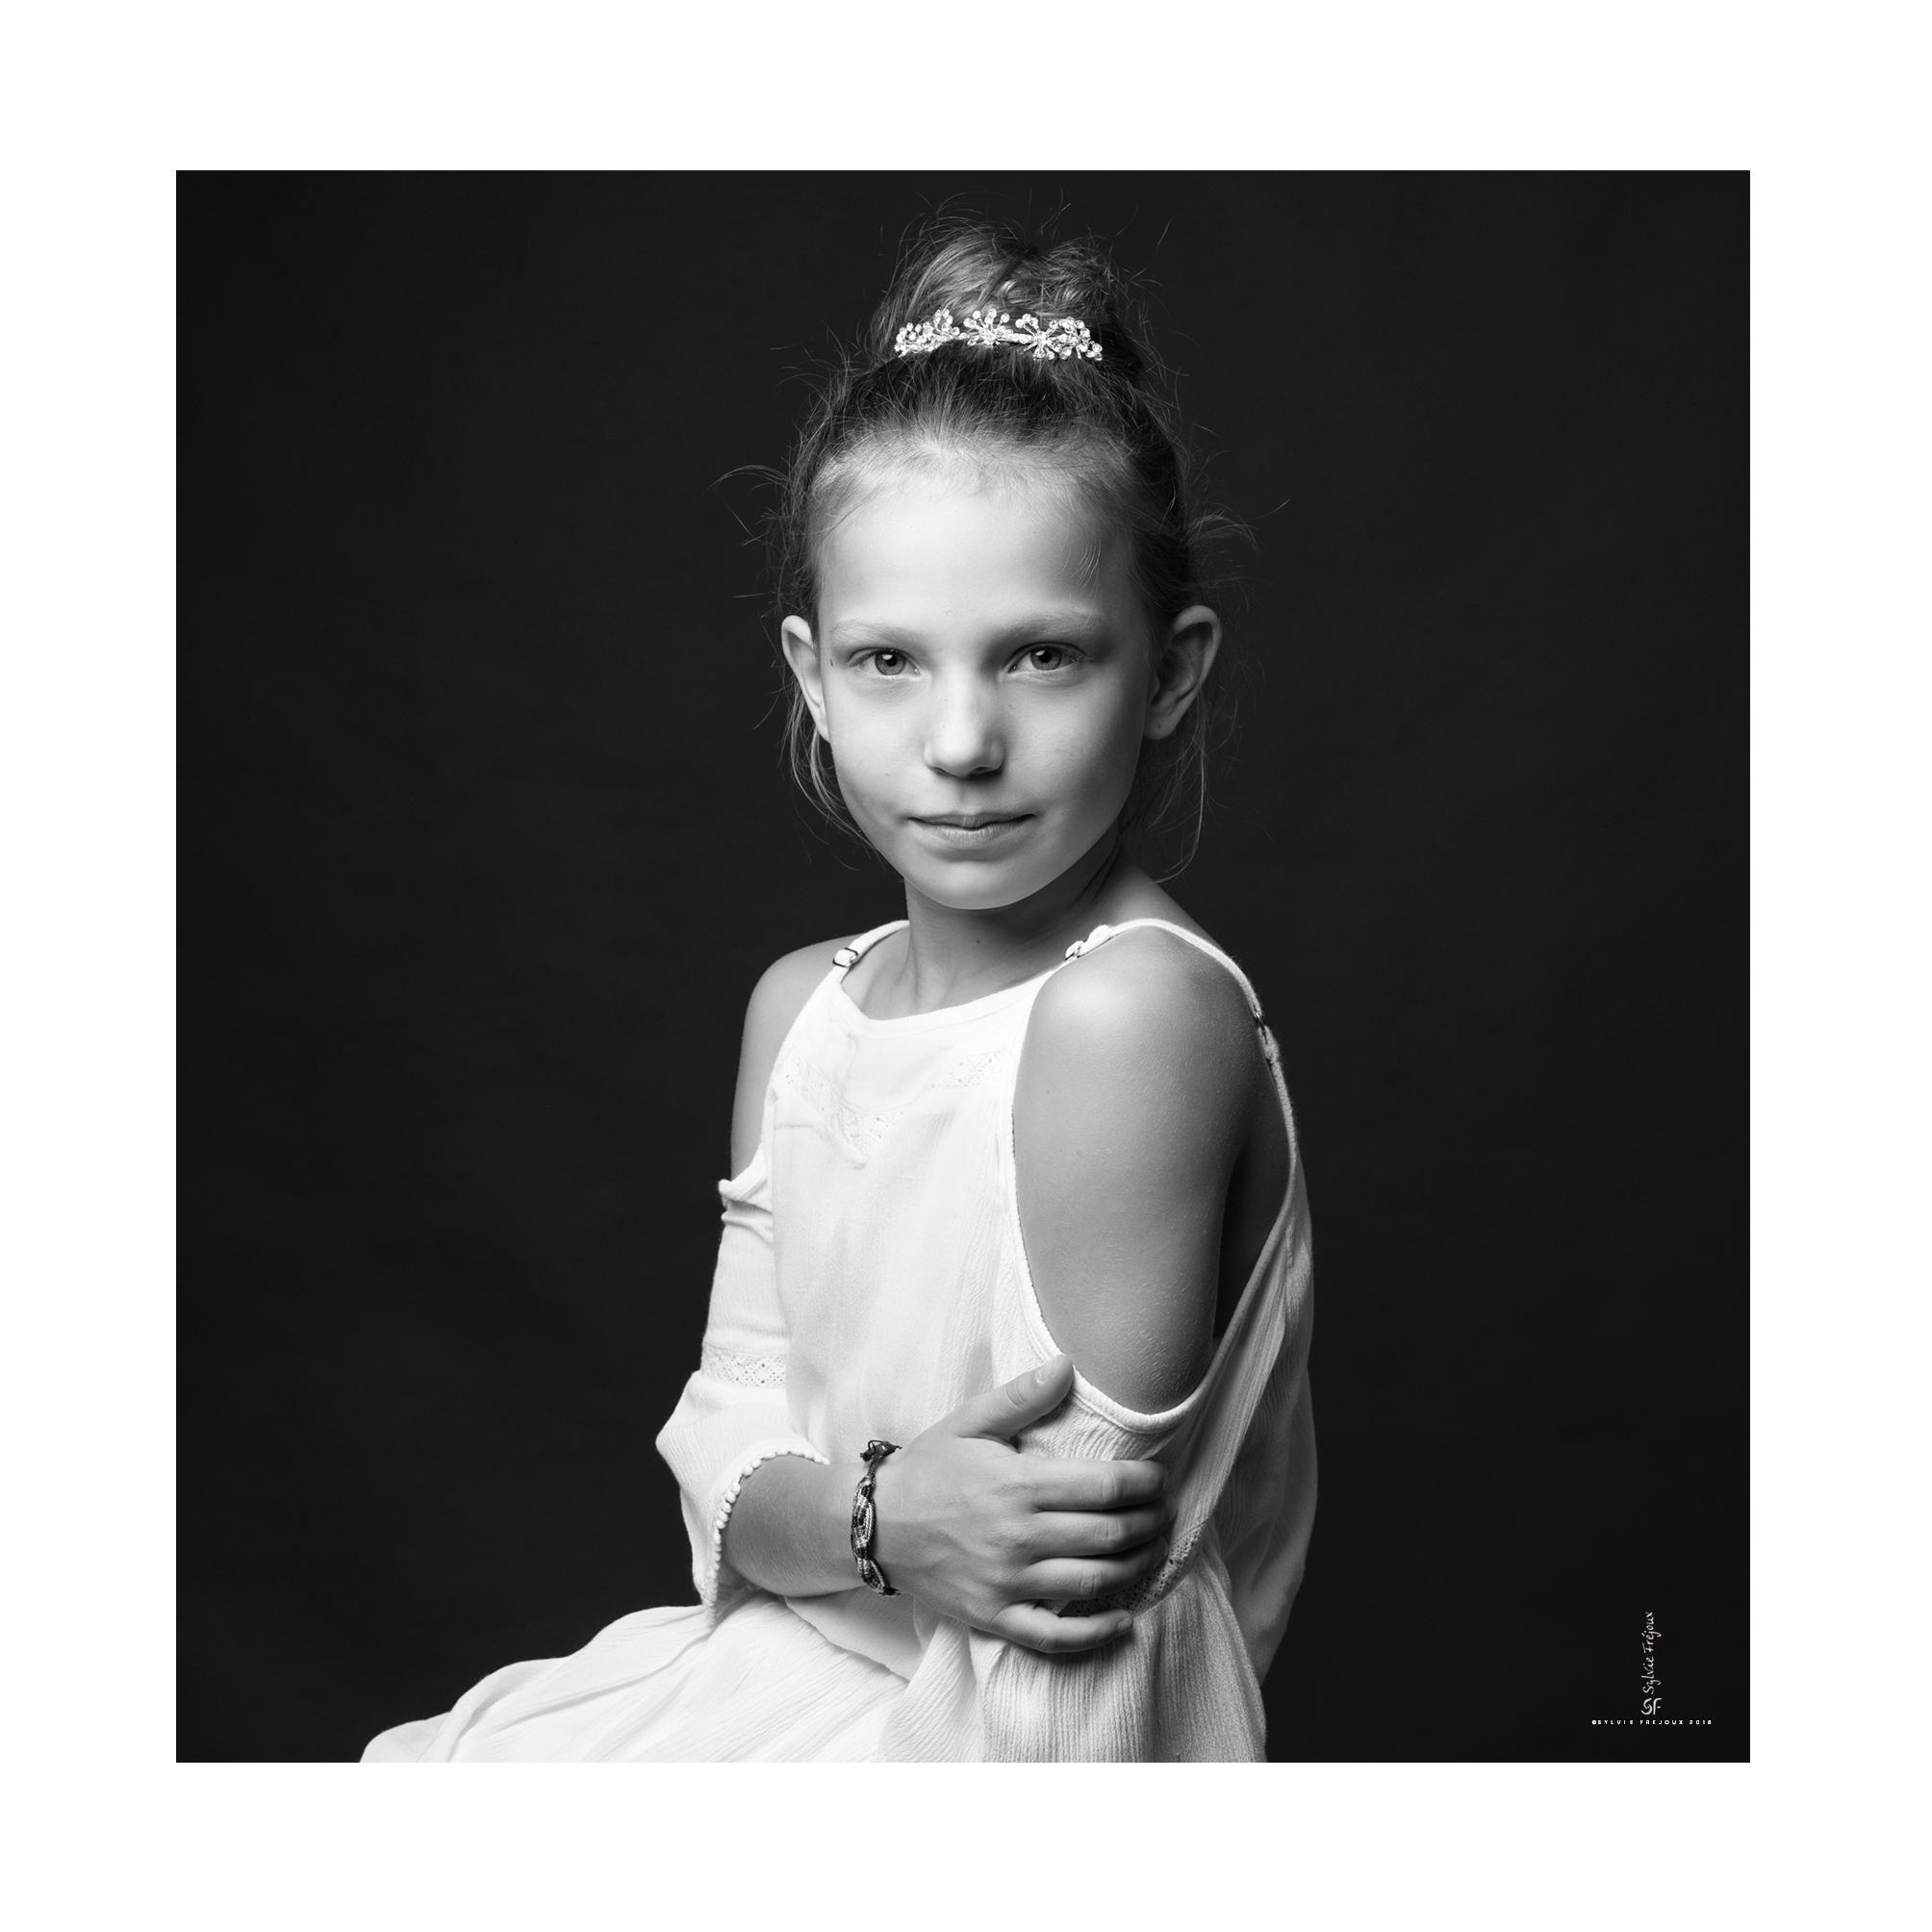 photographe de portrait d'enfant et de famille à toulon